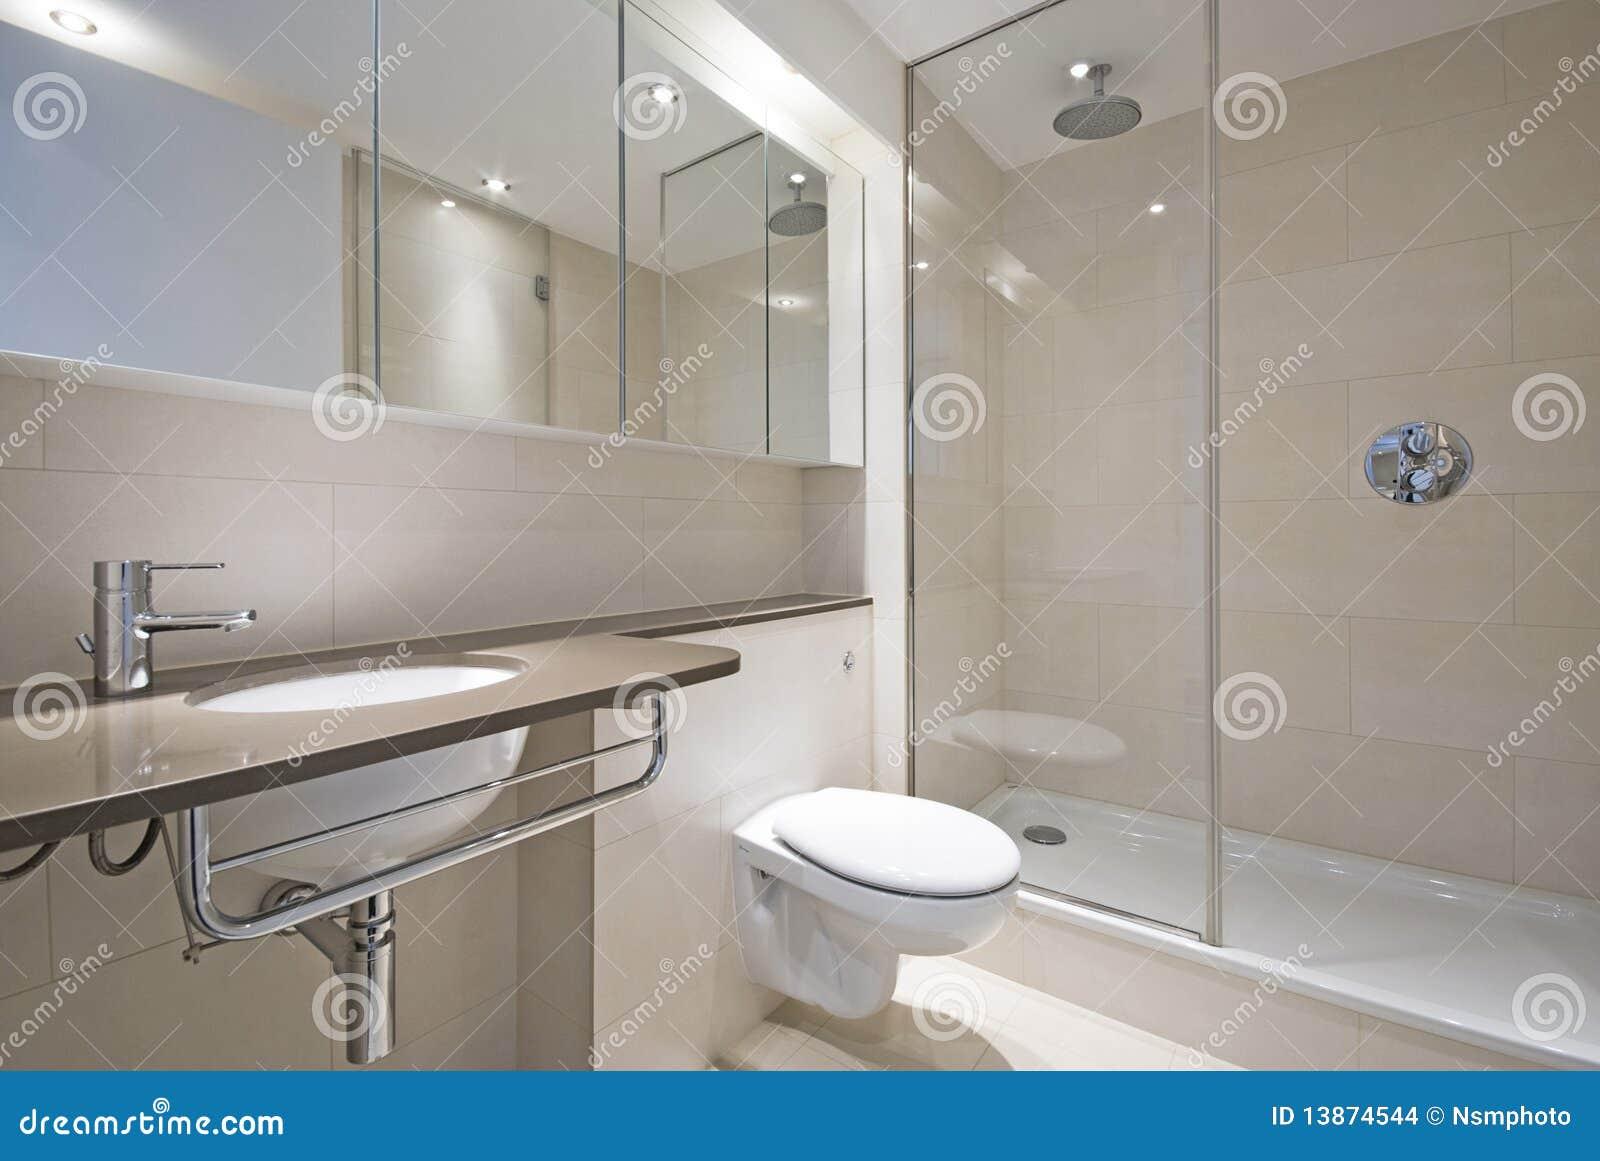 水池卫生间设计员现代洗涤